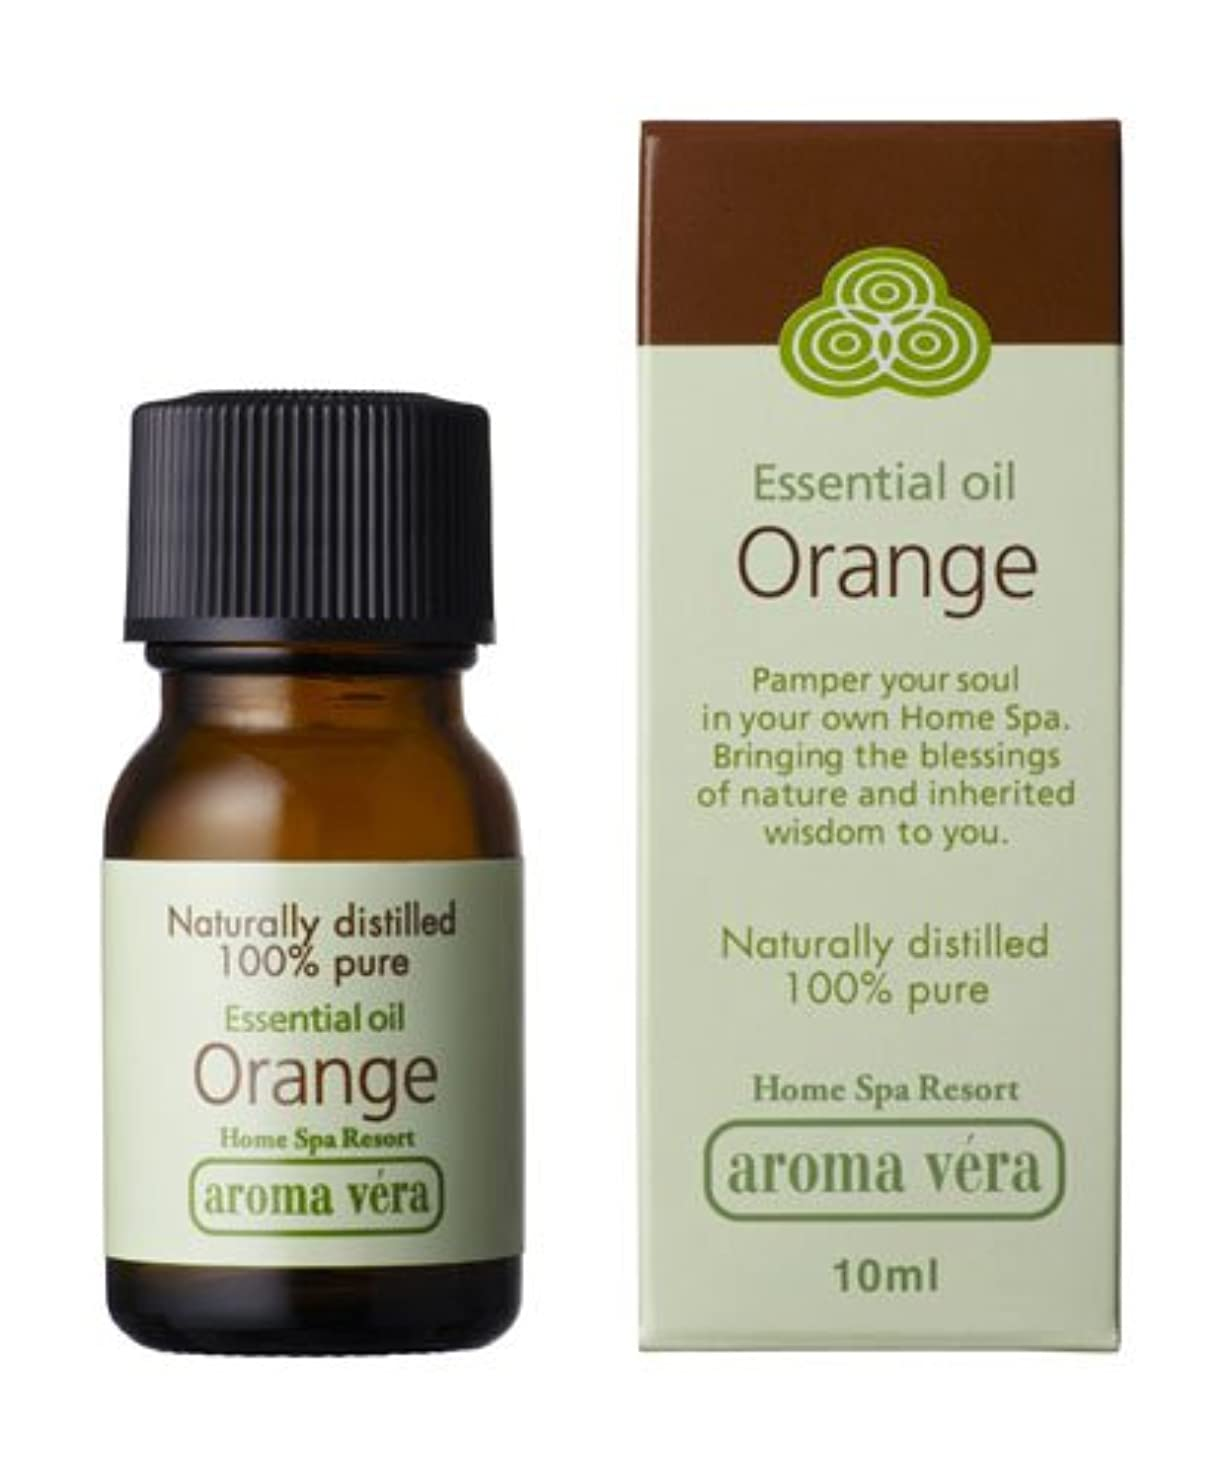 範囲海藻最大限アロマベラ エッセンシャルオイル オレンジ 10ml